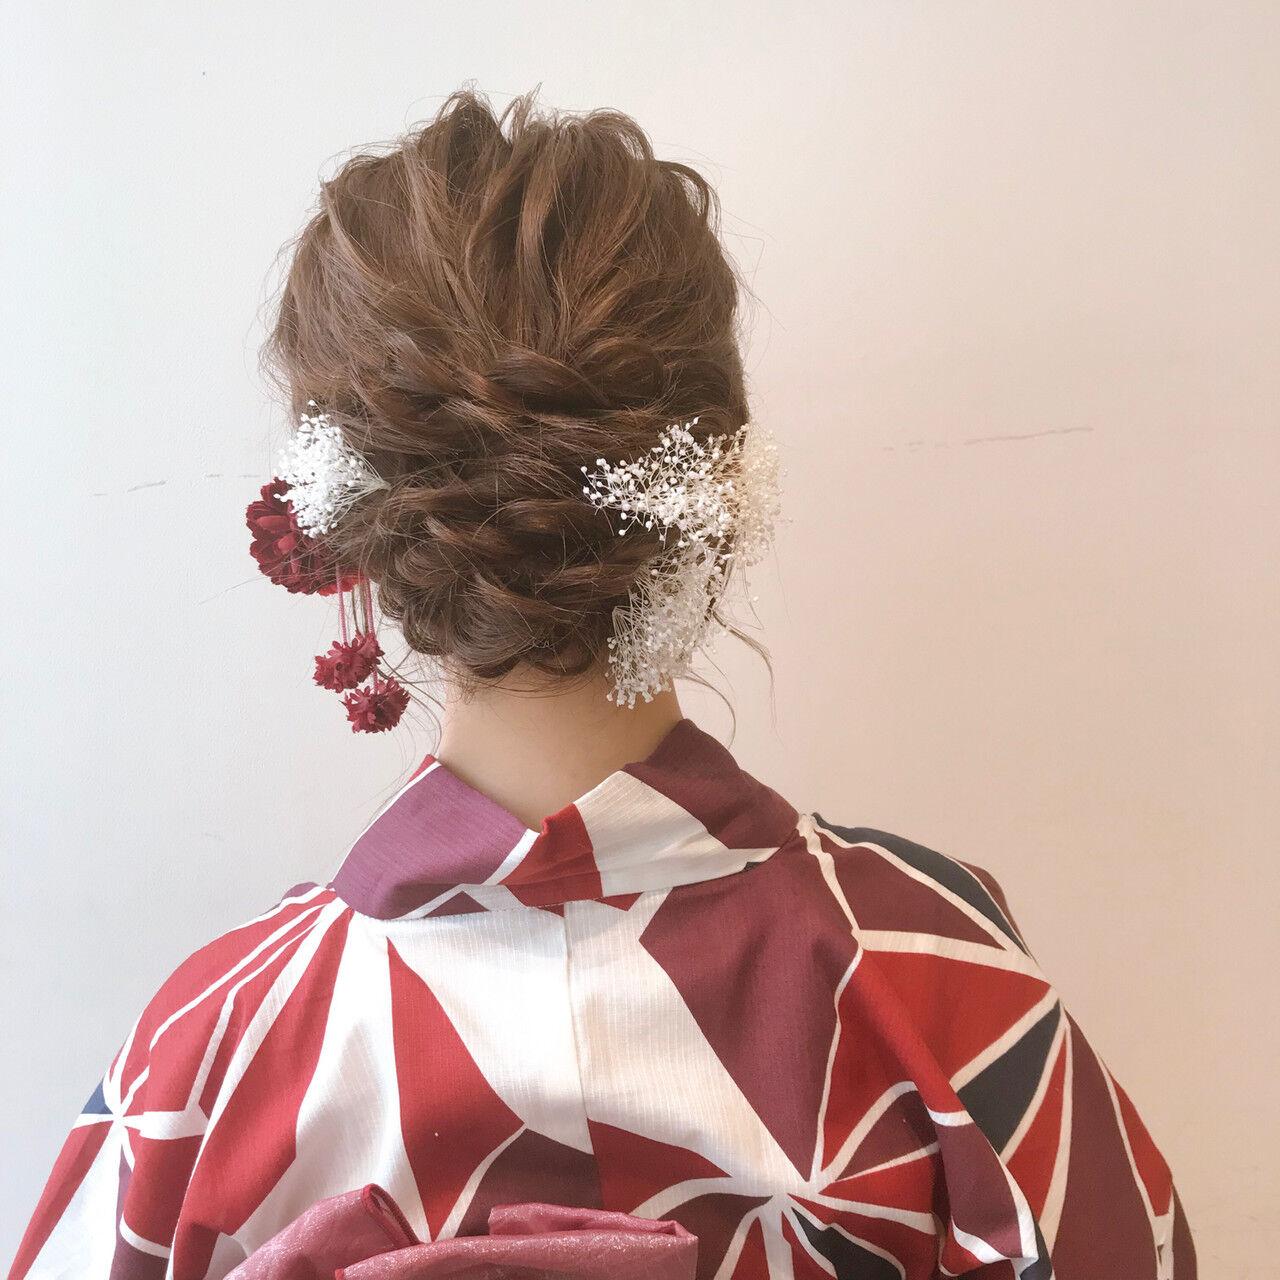 簡単ヘアアレンジ 浴衣アレンジ 結婚式ヘアアレンジ ミルクティーアッシュヘアスタイルや髪型の写真・画像